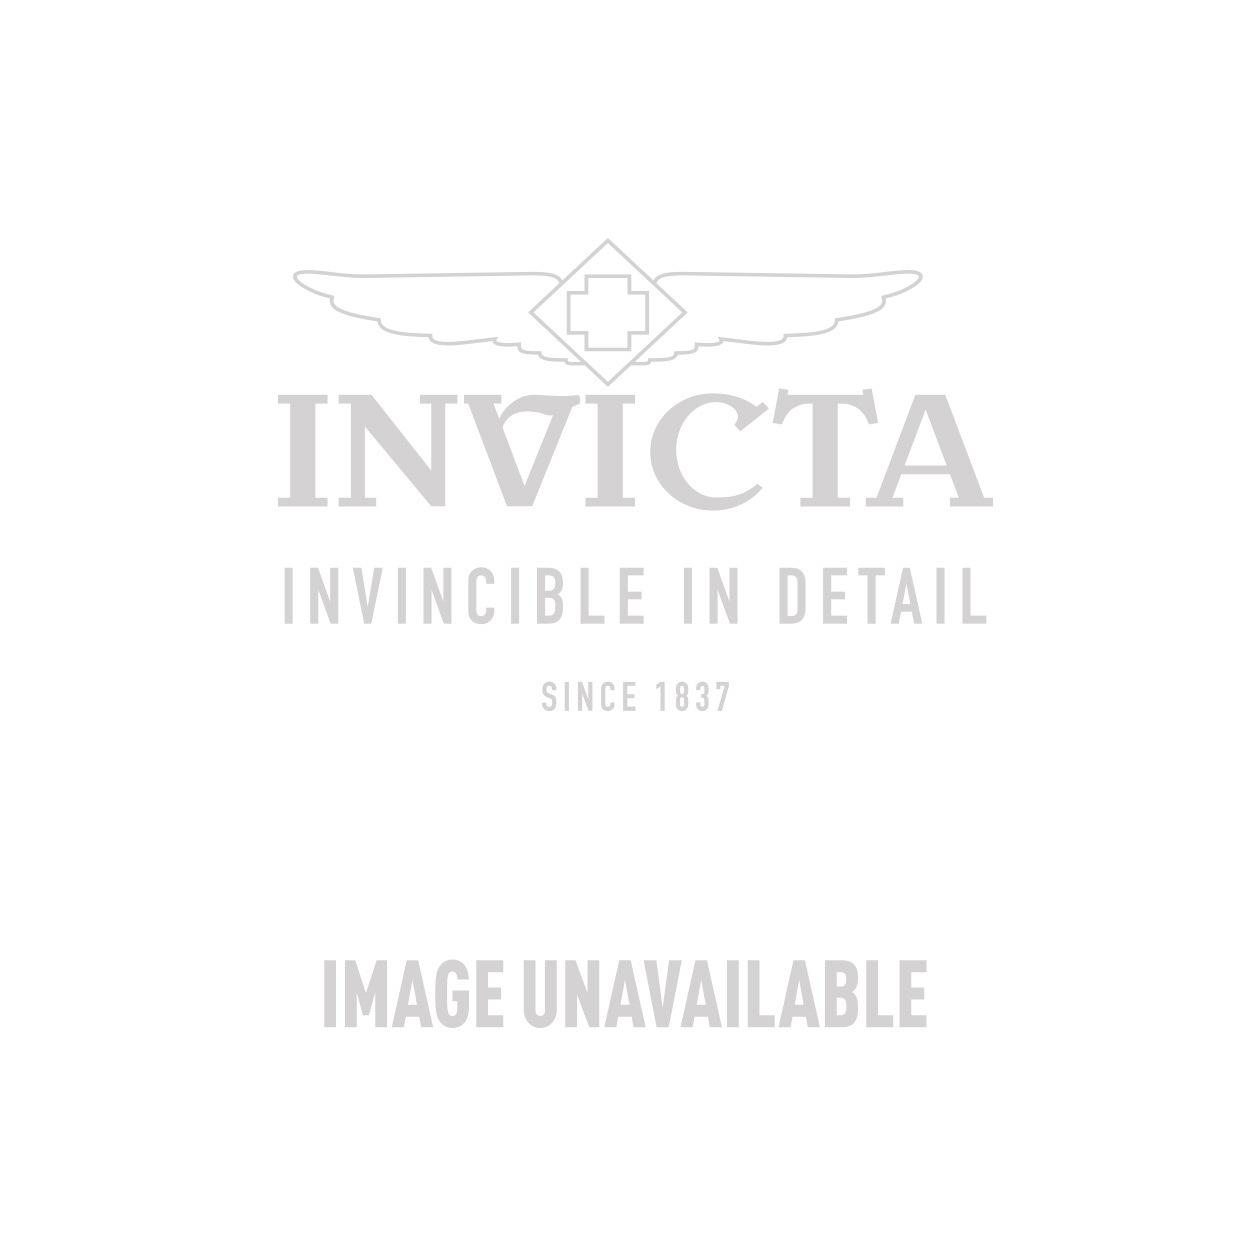 Invicta Model 24413